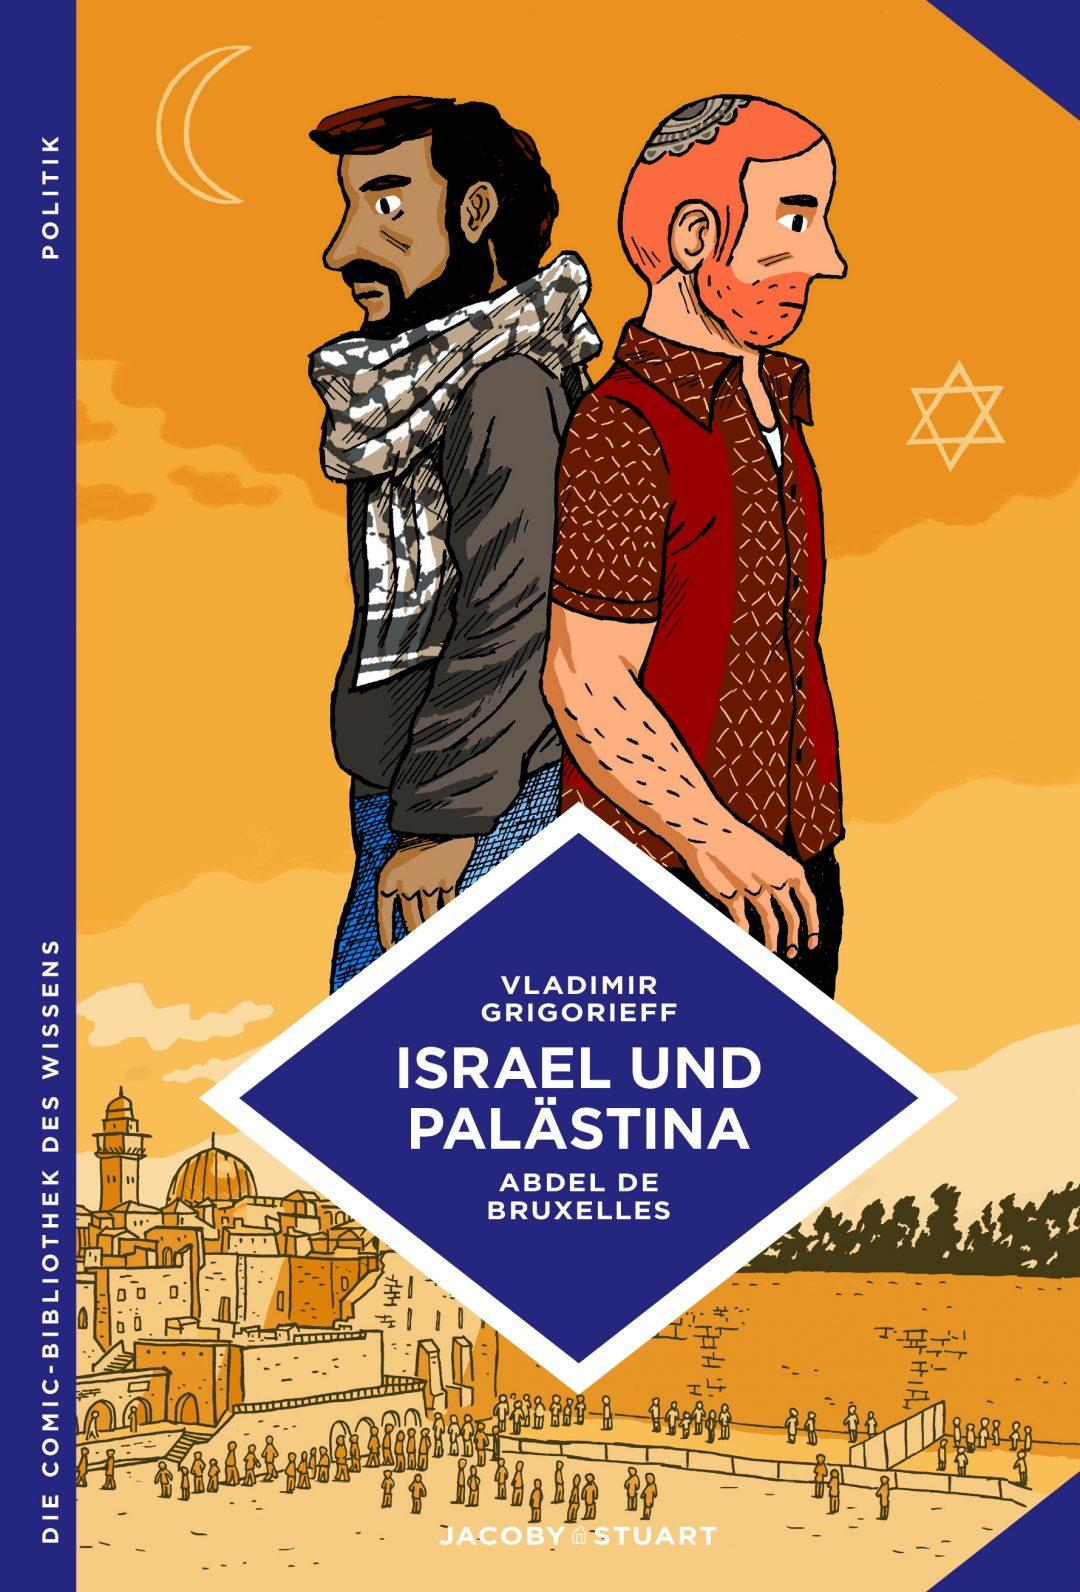 """Sachcomic """"Israel und Palästina"""" in der Kritik"""